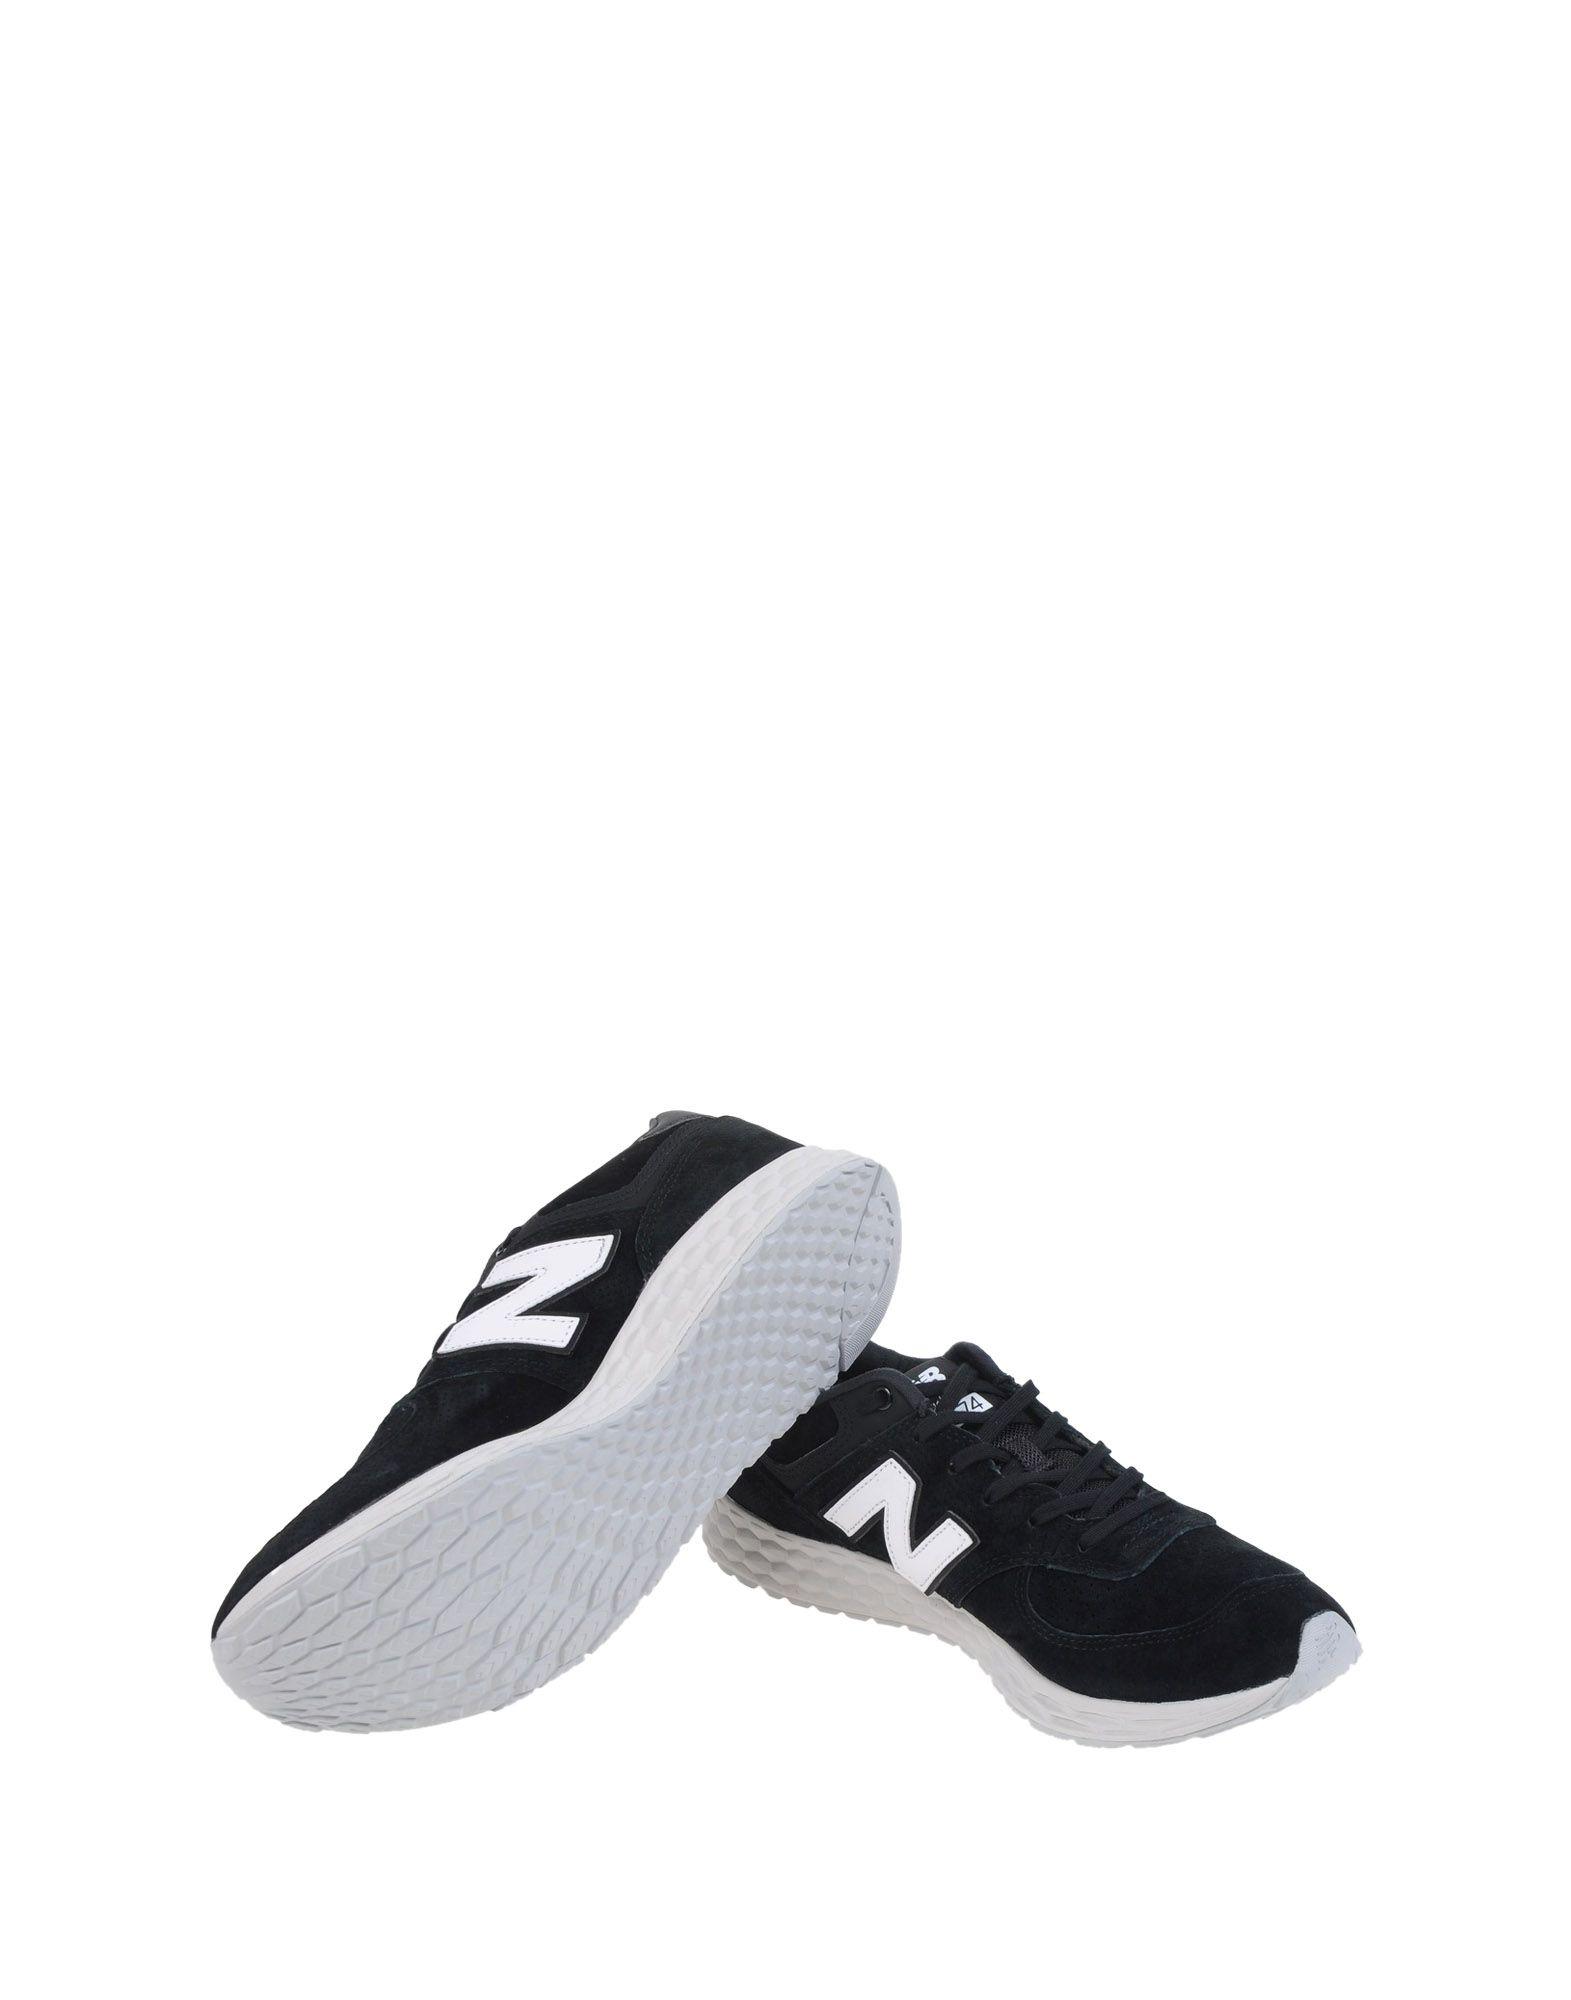 New Balance - 574 Fresh Foam Pigskin - Balance Sneakers - Men New Balance Sneakers online on  United Kingdom - 11104606MN 5dc2f2